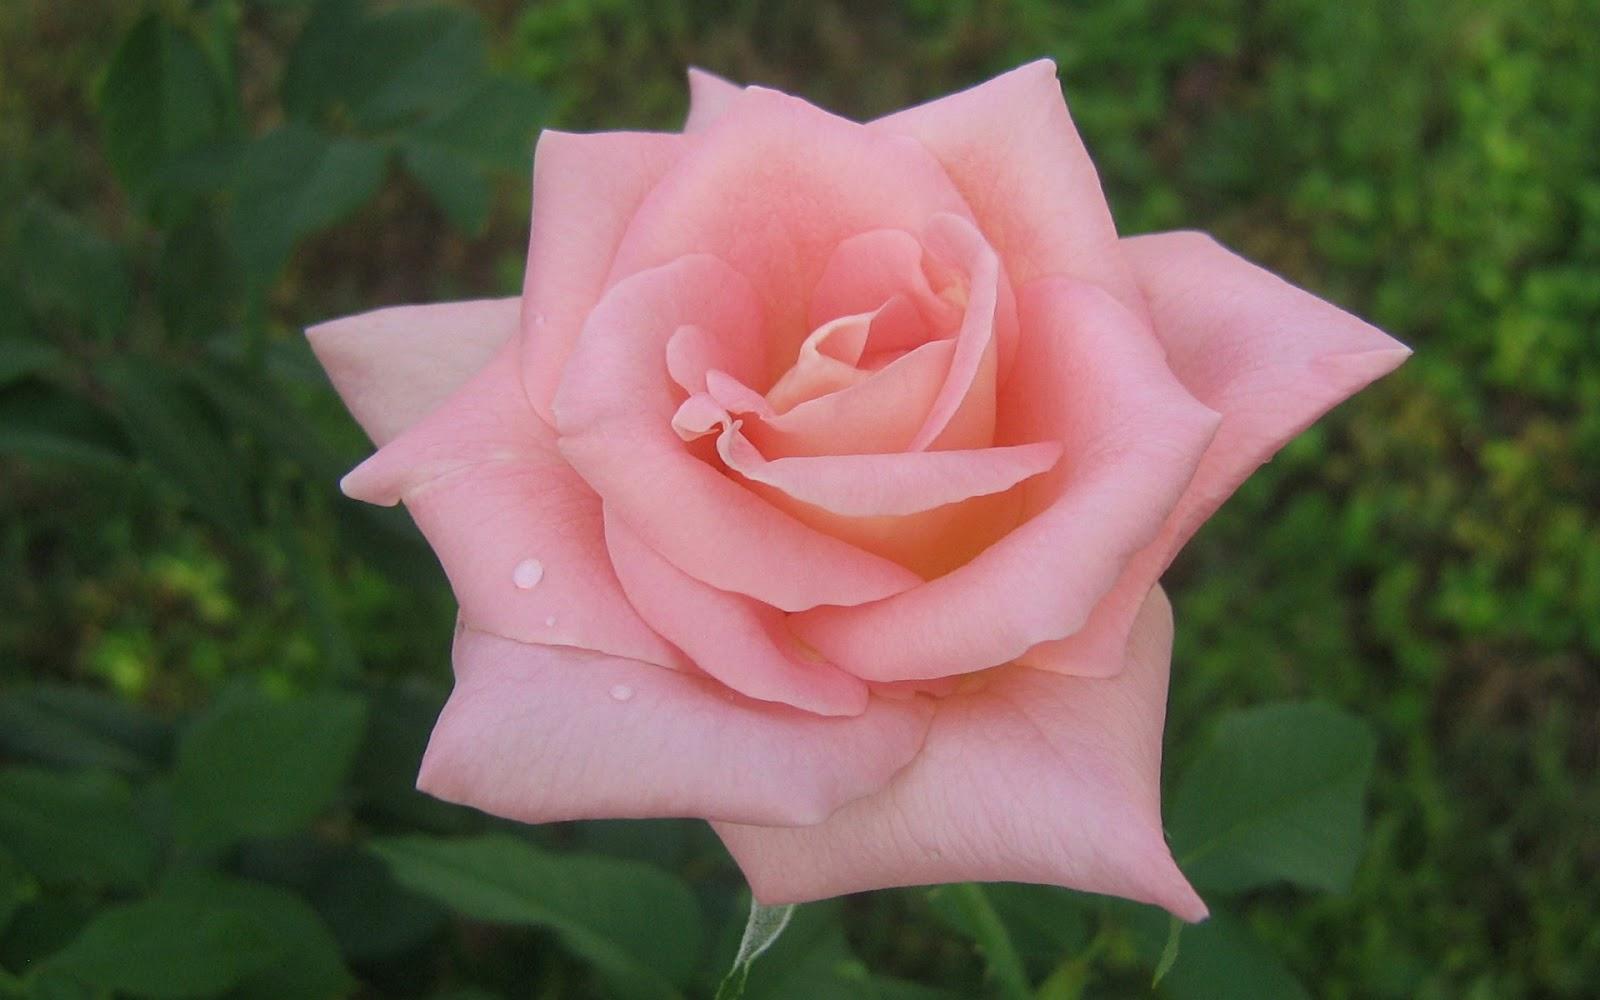 http://3.bp.blogspot.com/-If9KpWjbuDA/T9A85aVahhI/AAAAAAAAAGM/k7ZWTppuHN4/s1600/pink_rose_wallpaper_3029.jpg